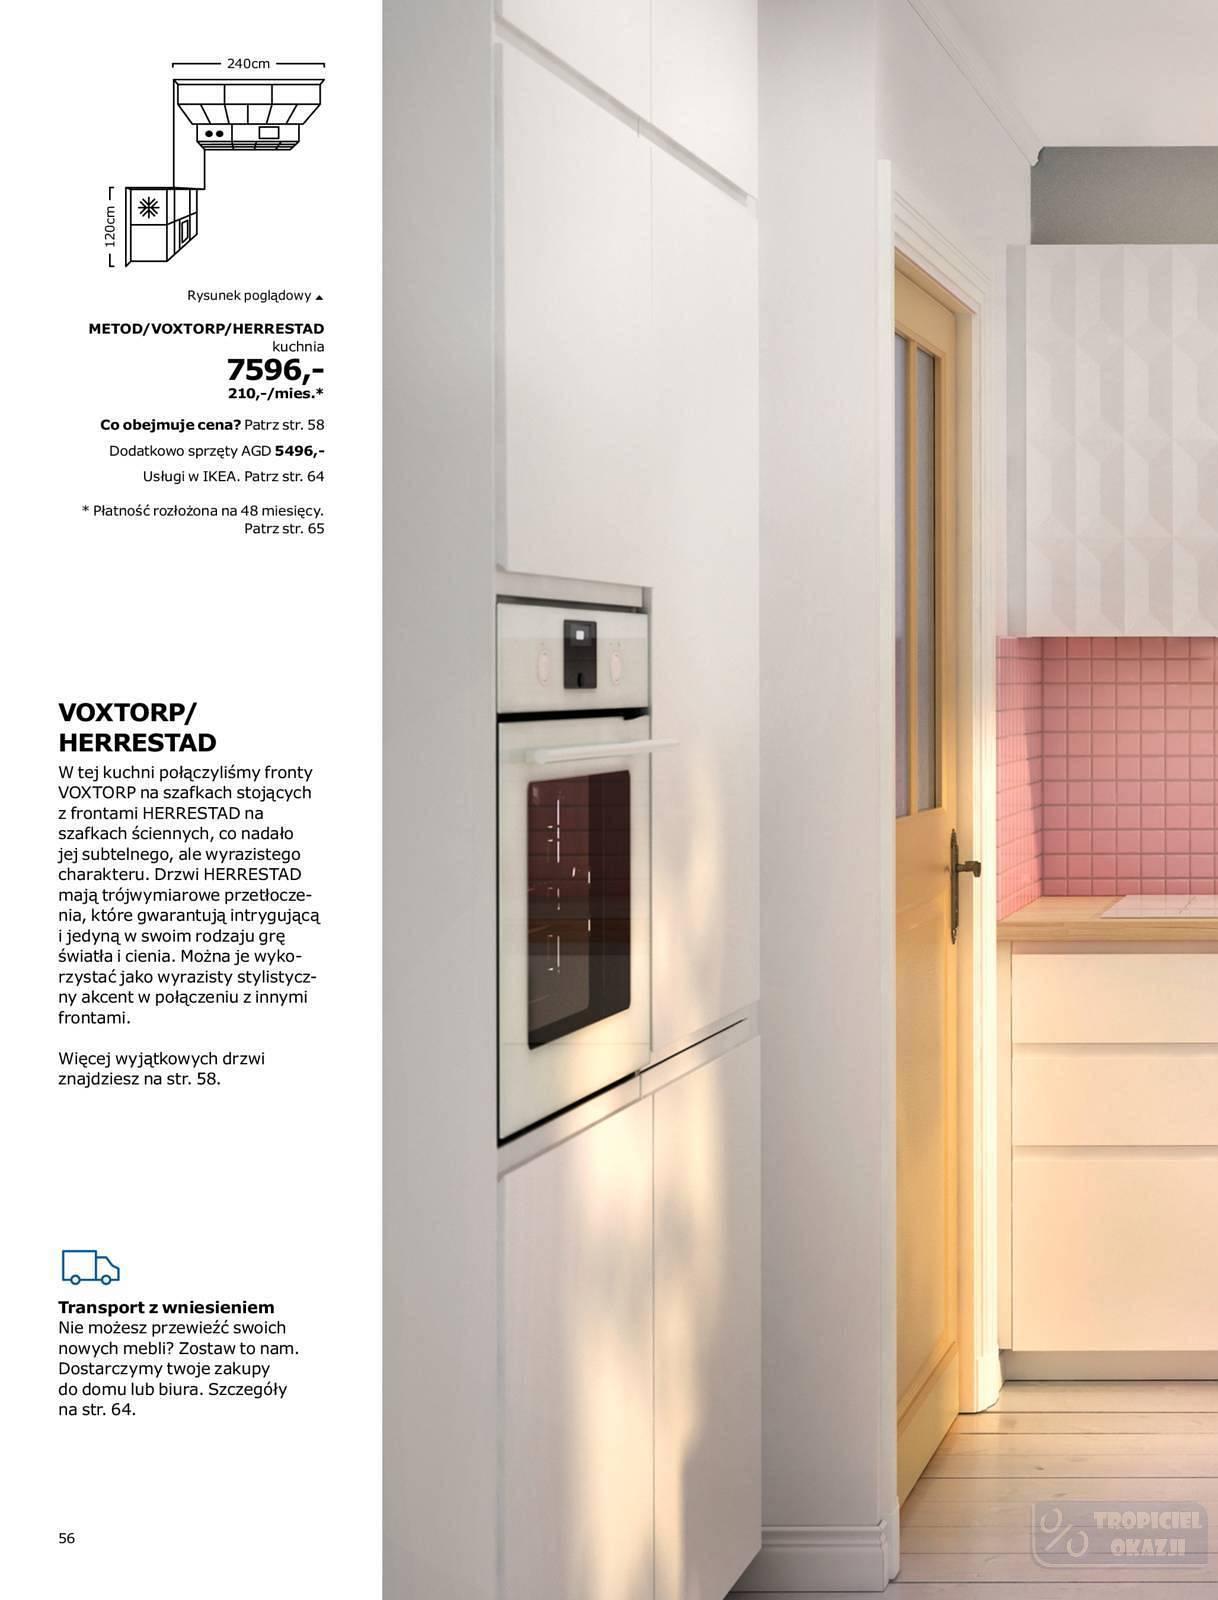 Gazetka Promocyjna I Reklamowa Ikea Katalog Kuchnie 2018 Od 12